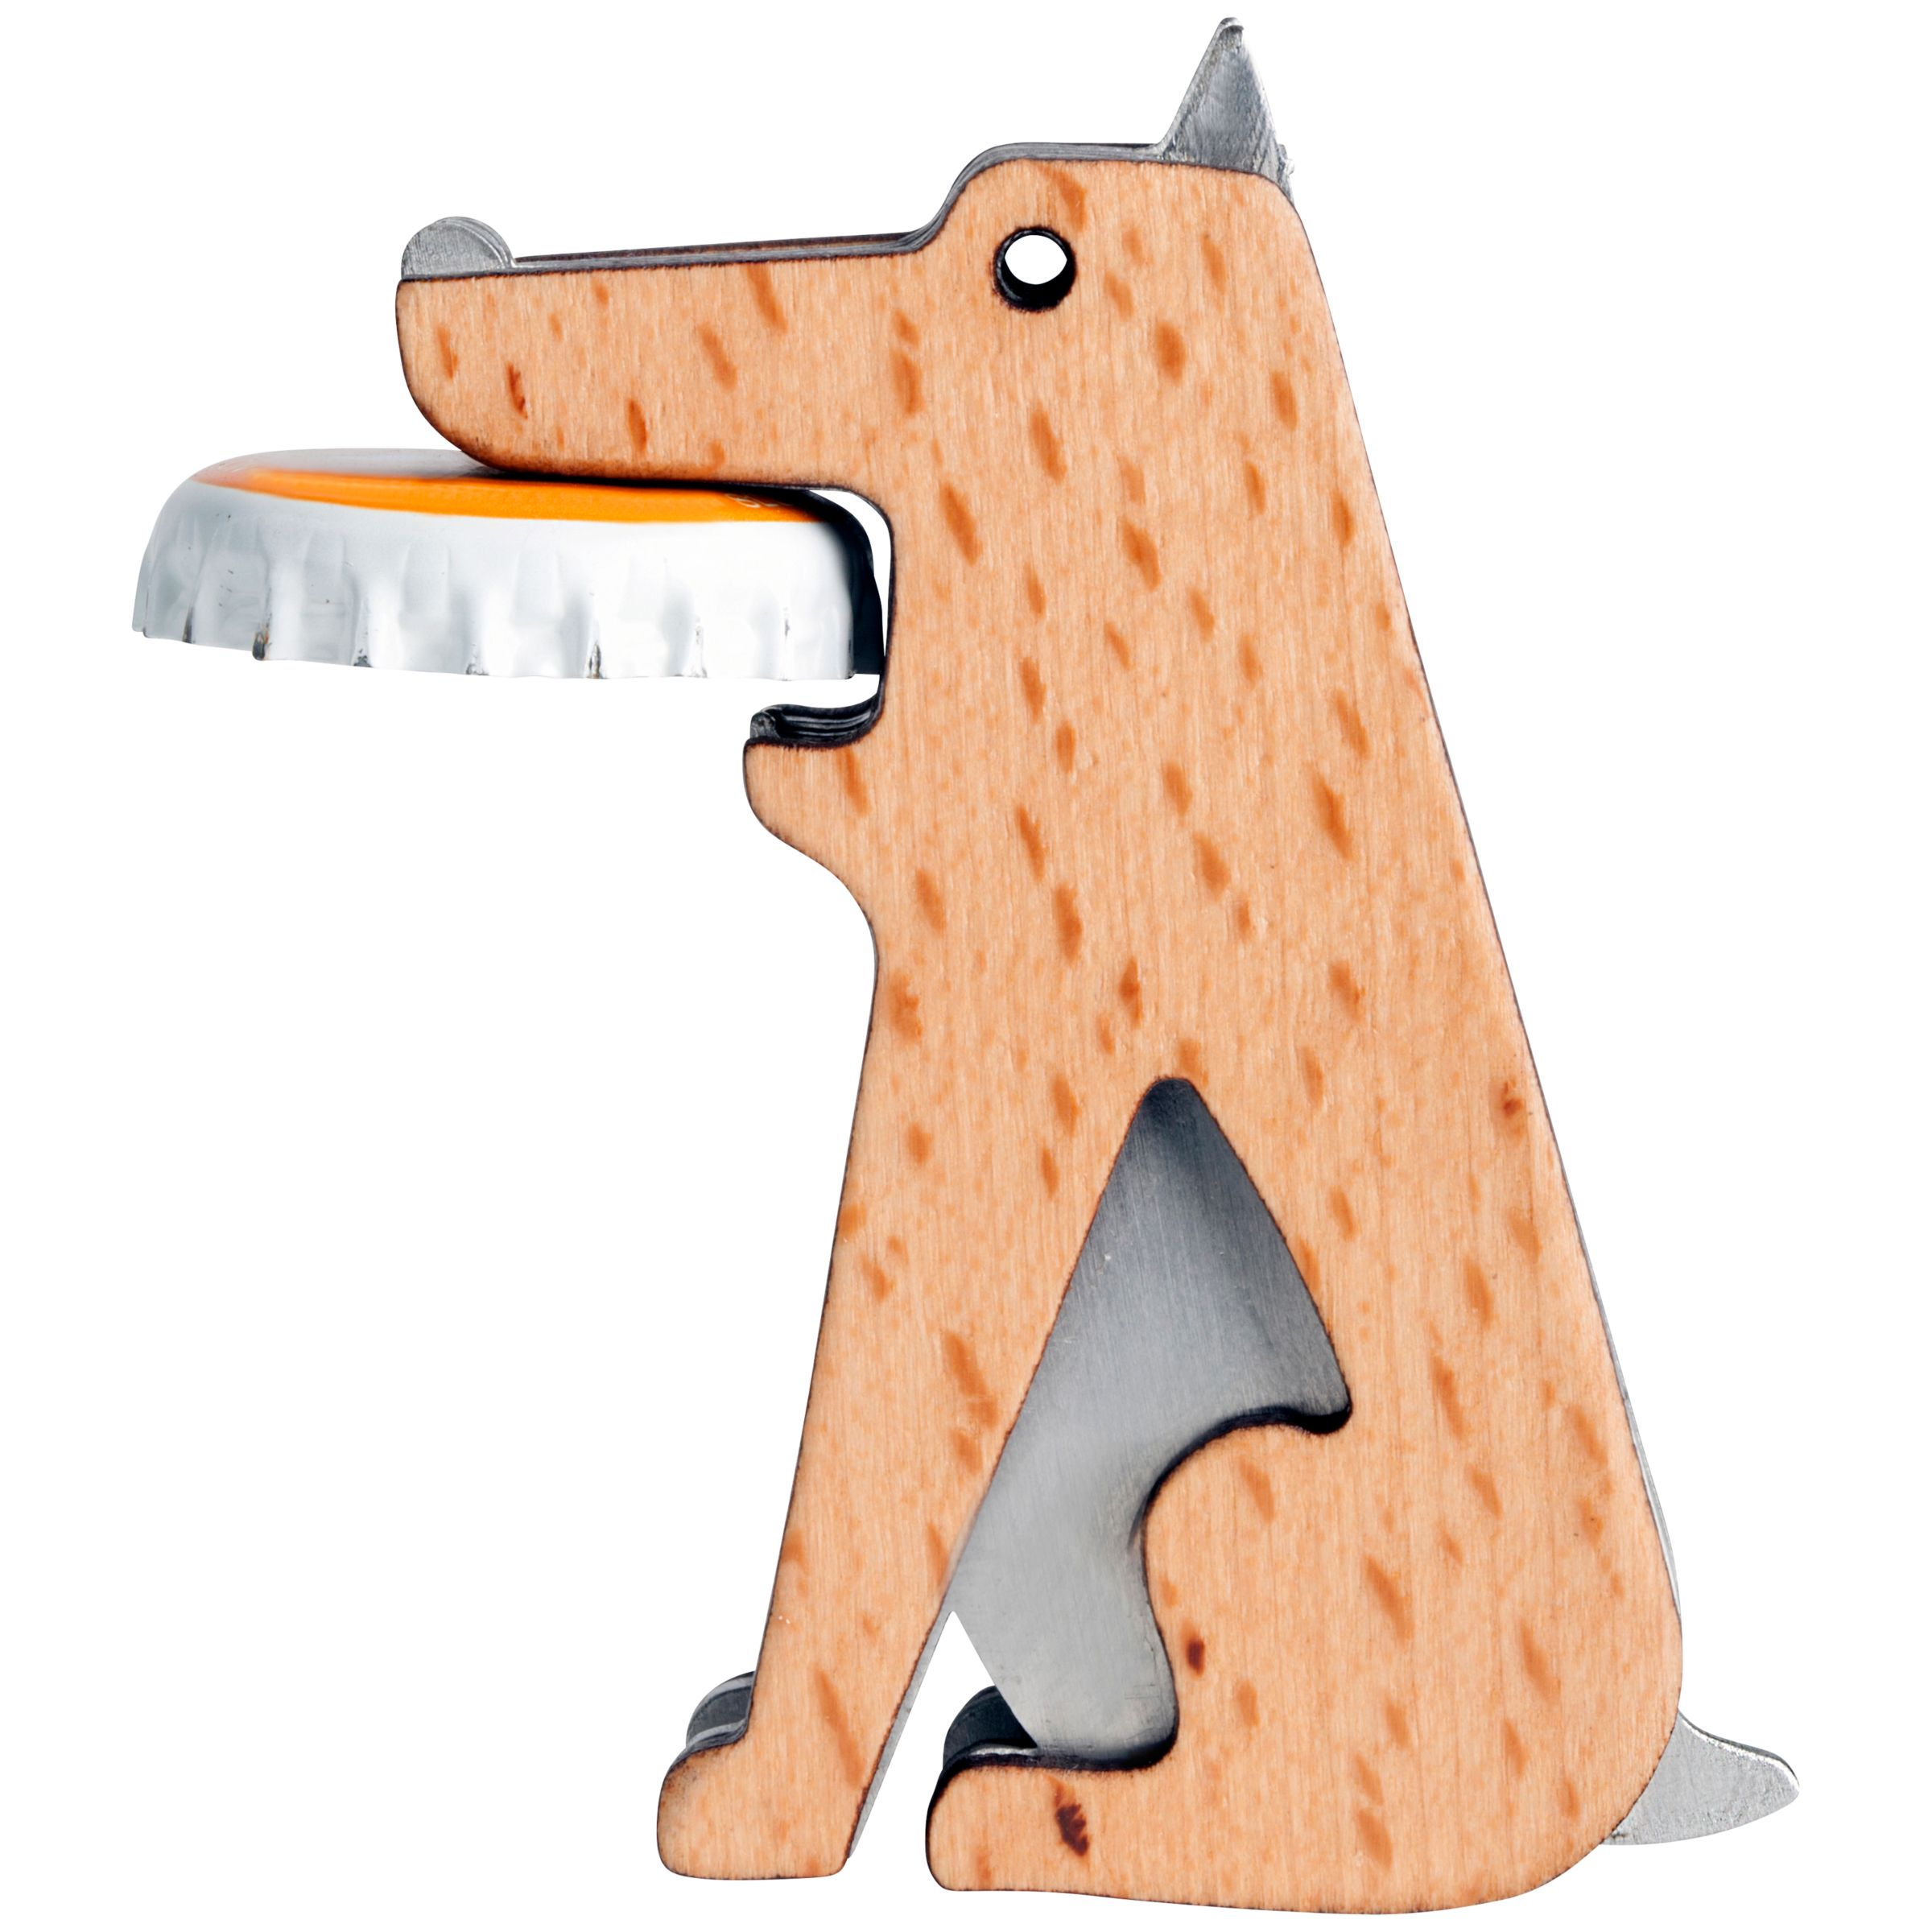 Kikkerland Kikkerland Beech Wood Dog Bottle Opener